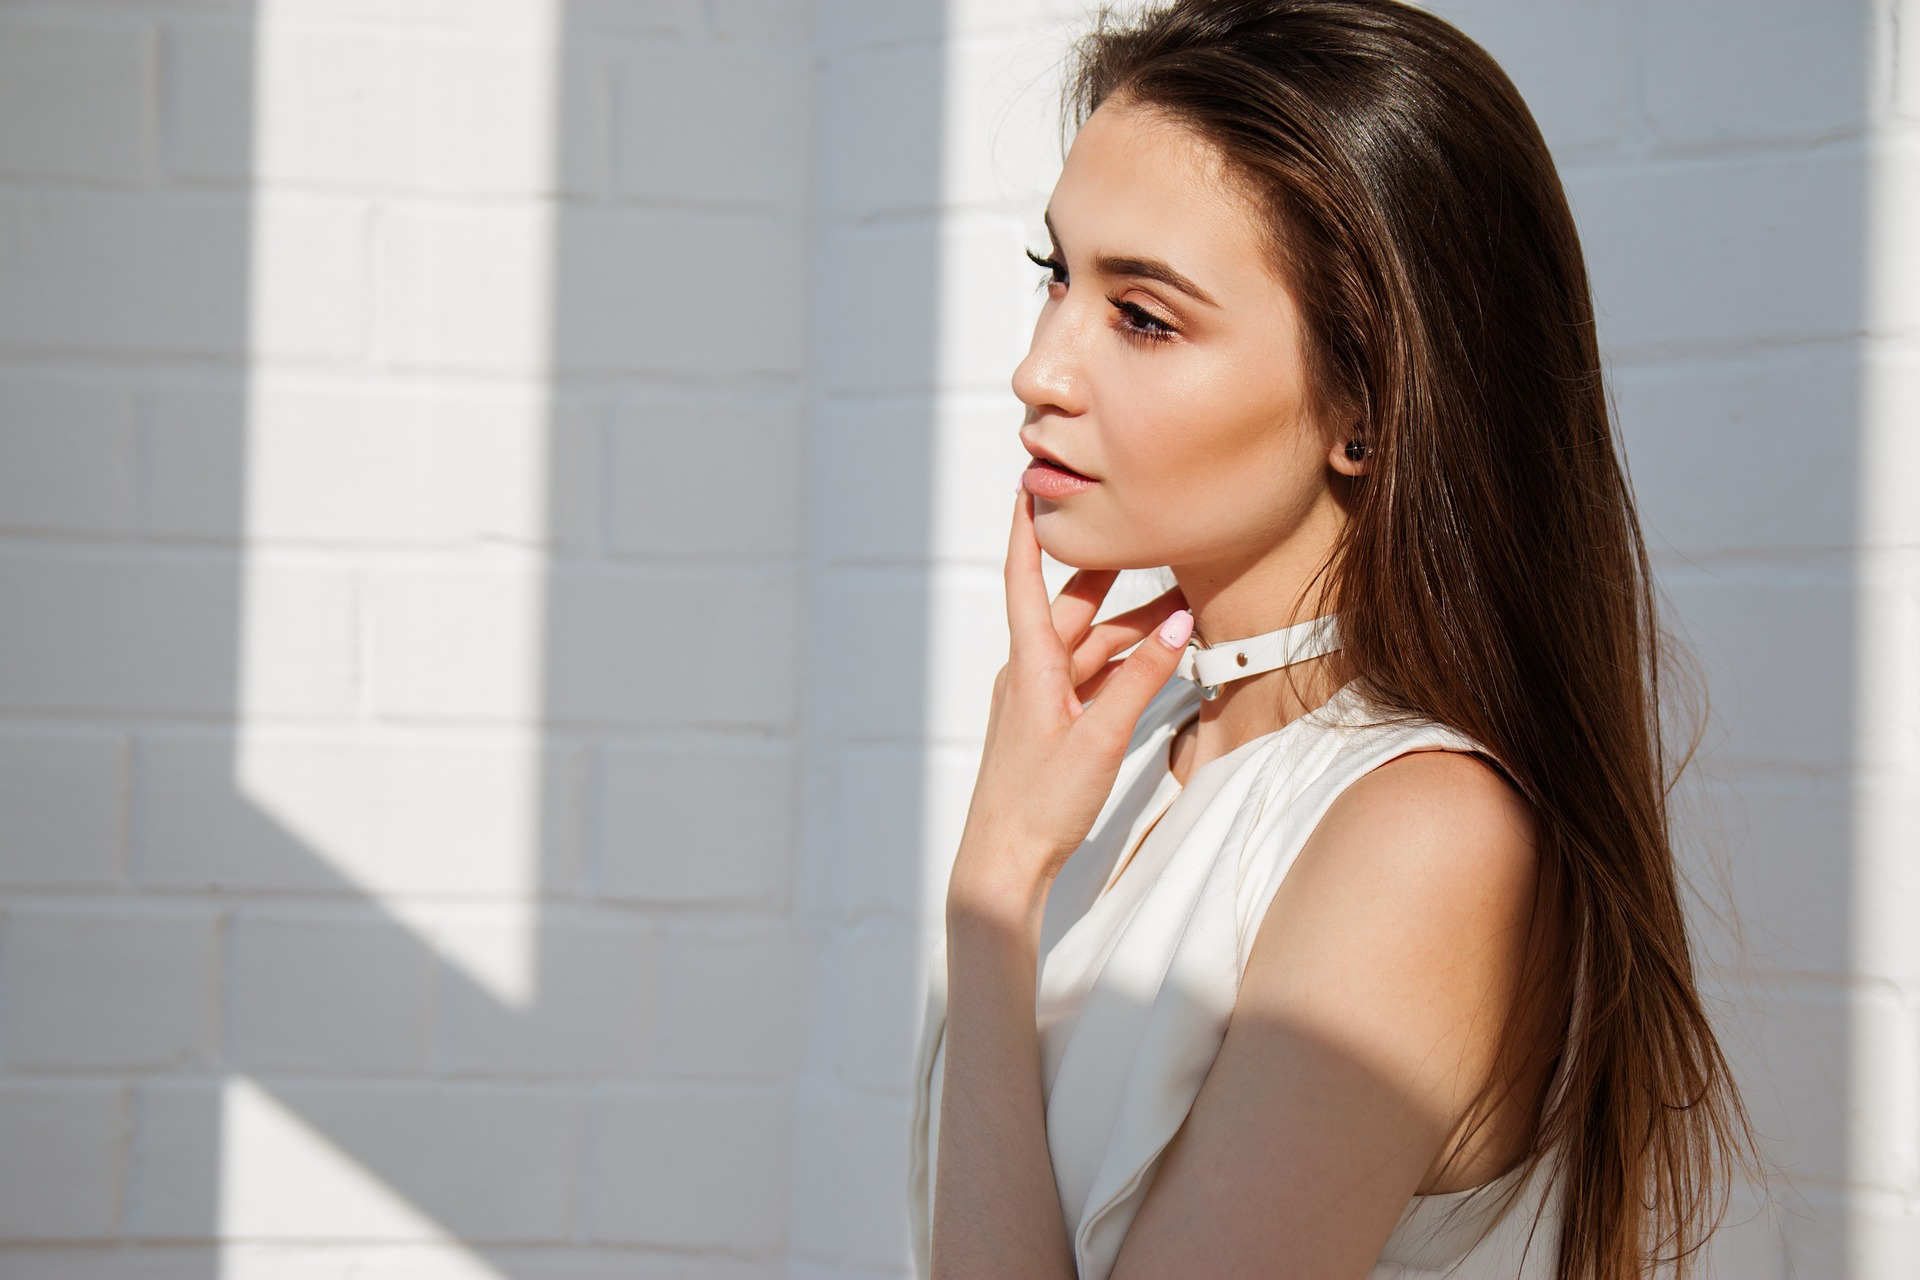 女子力の定義とは?男女問わず慕われる女子力の高い女性の特徴5つ